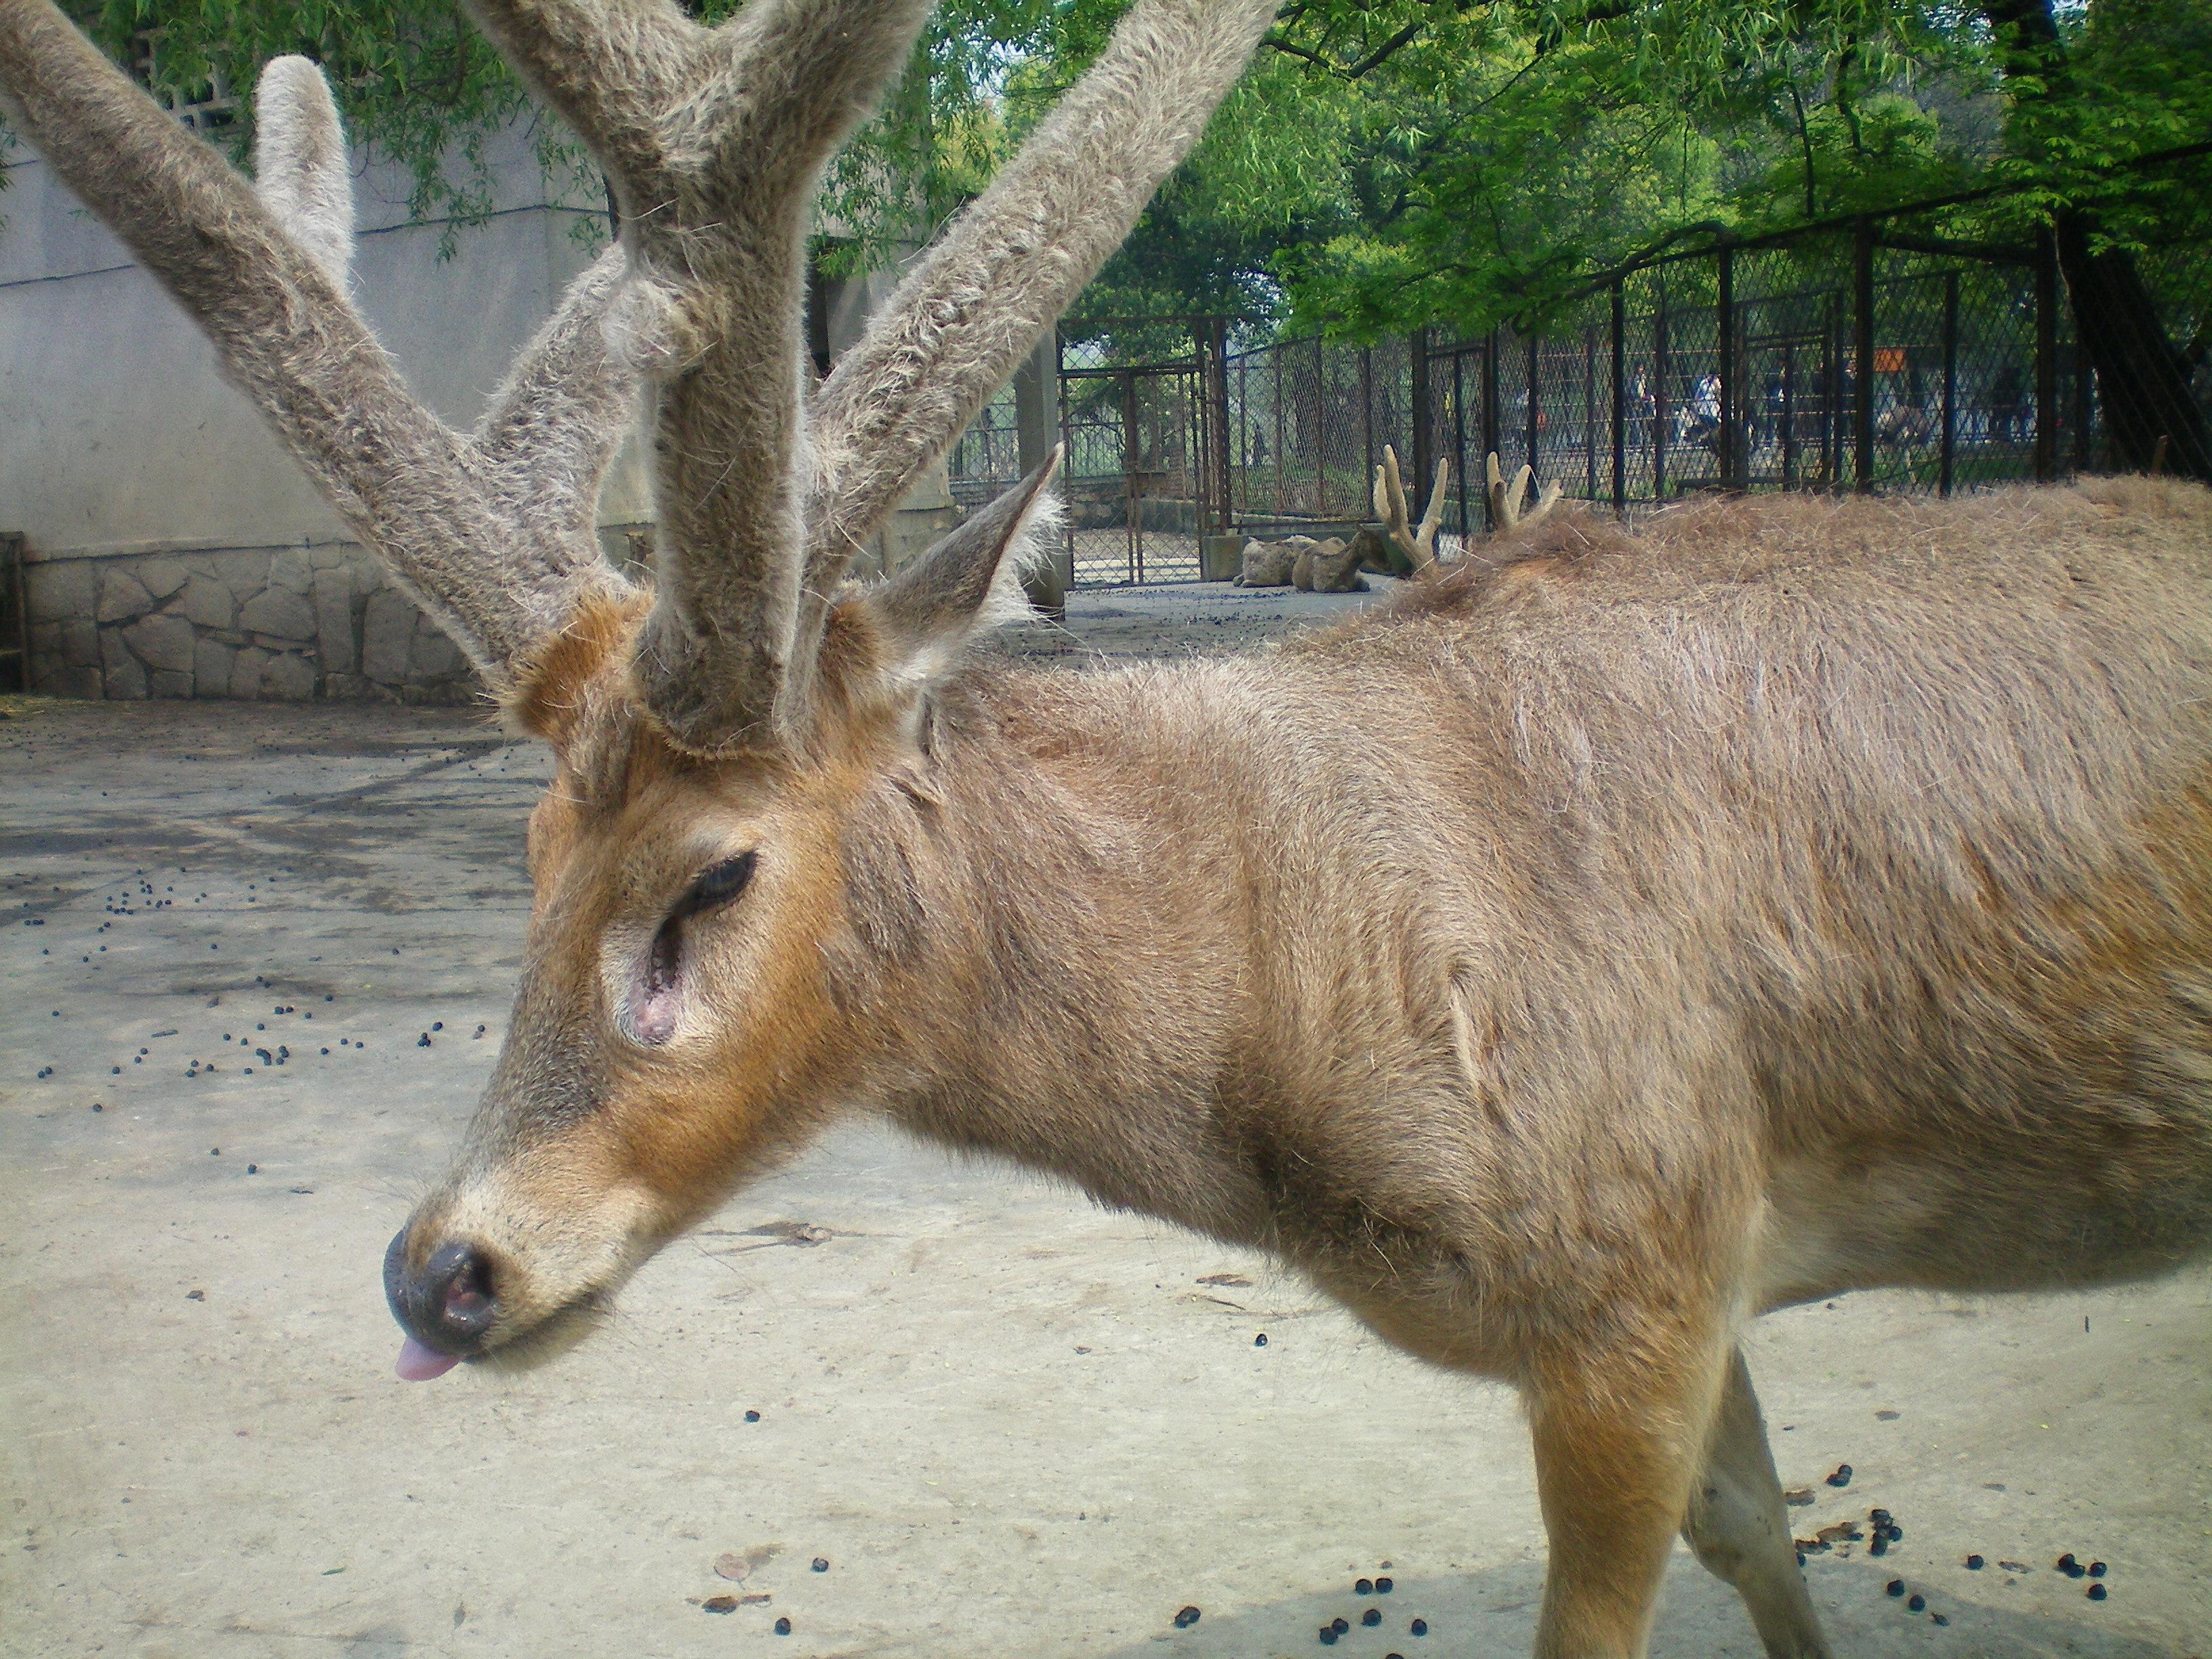 臺灣已經絕種動物 已經 - 愛淘生活